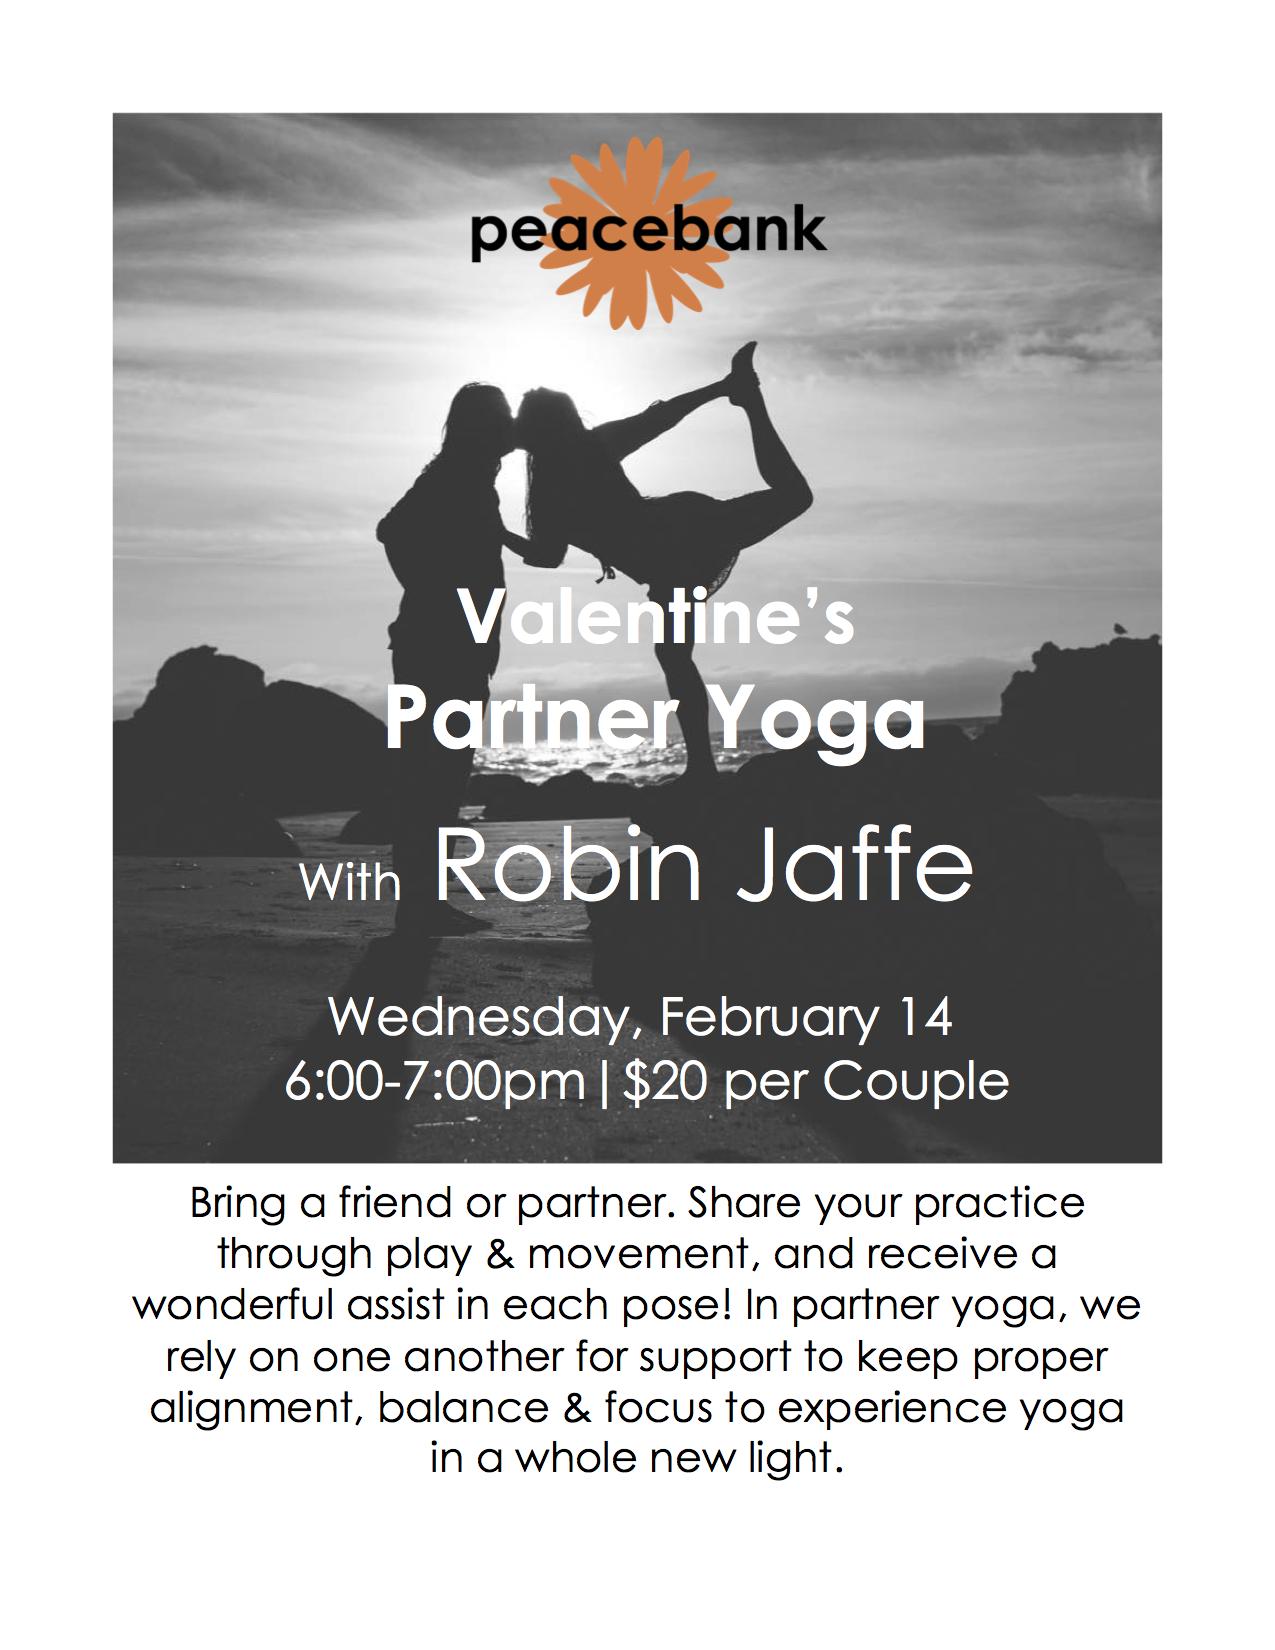 Partner Yoga valentines 2018.png